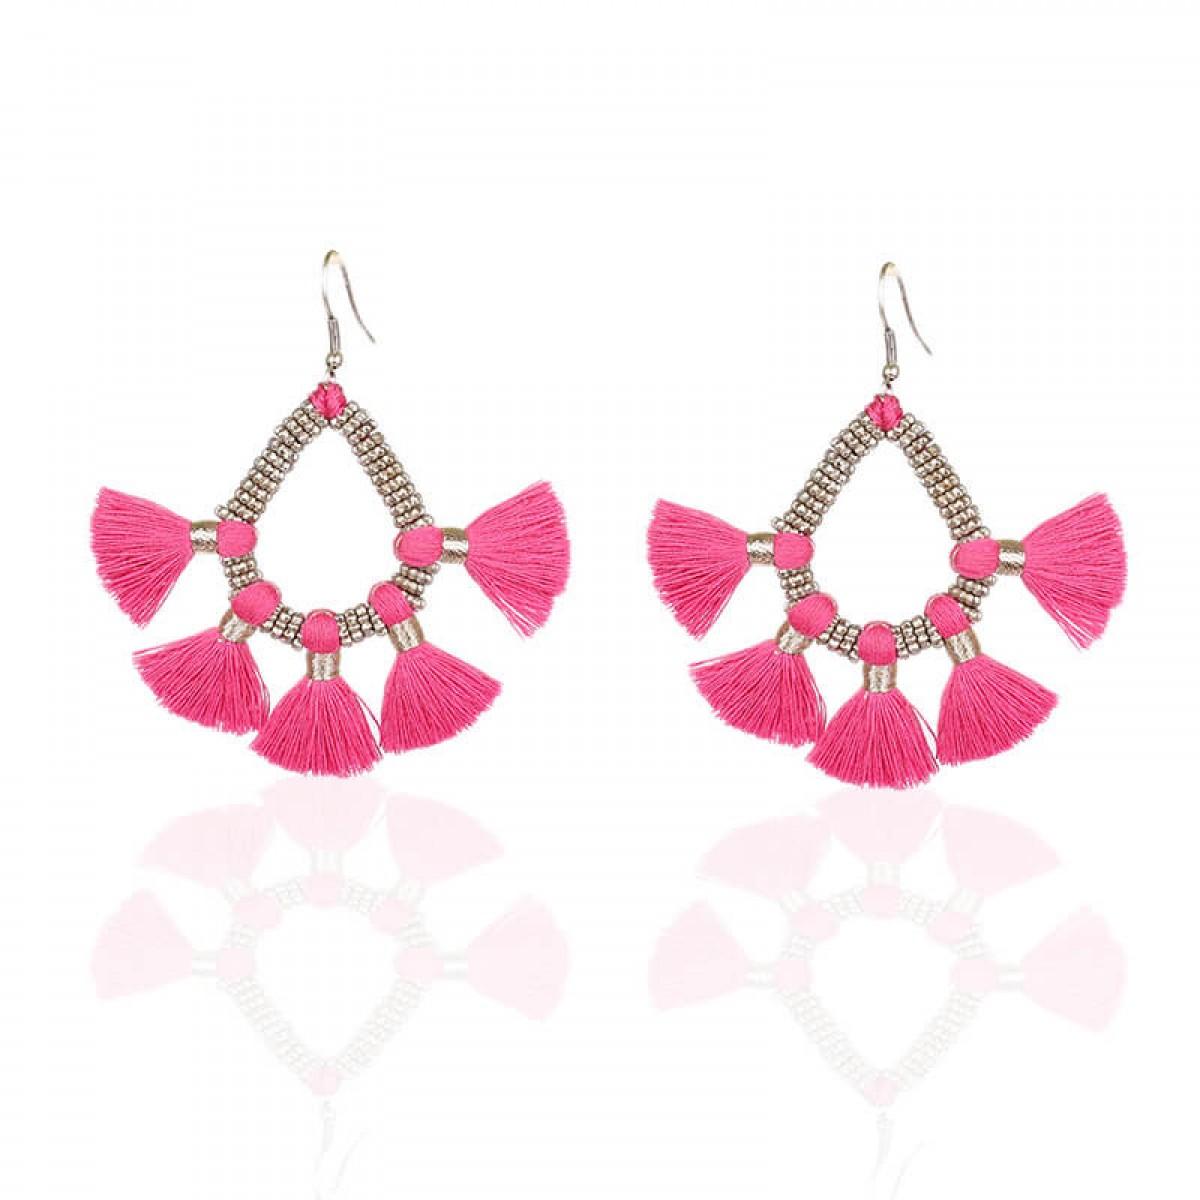 Bohemian Fashion Tassel Earrings - Pink